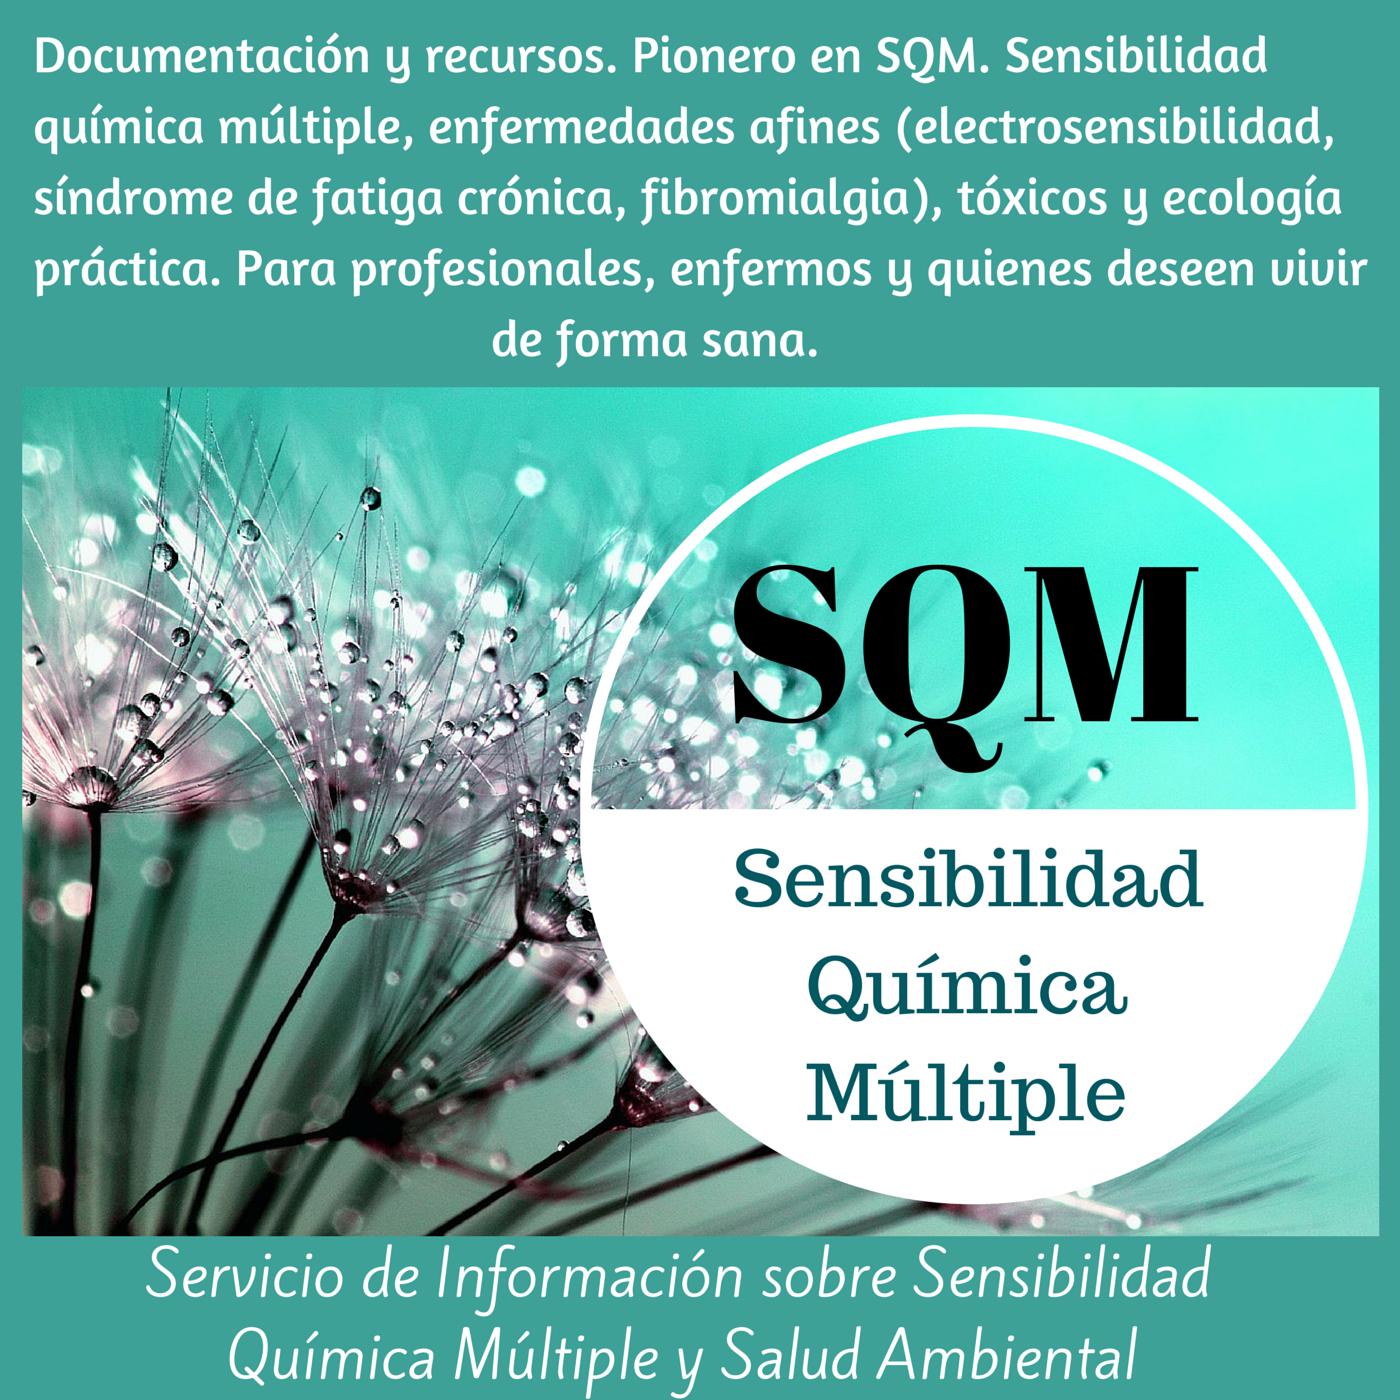 Servicio de Información sobre Sensibilidad Química Múltiple y Salud Ambiental